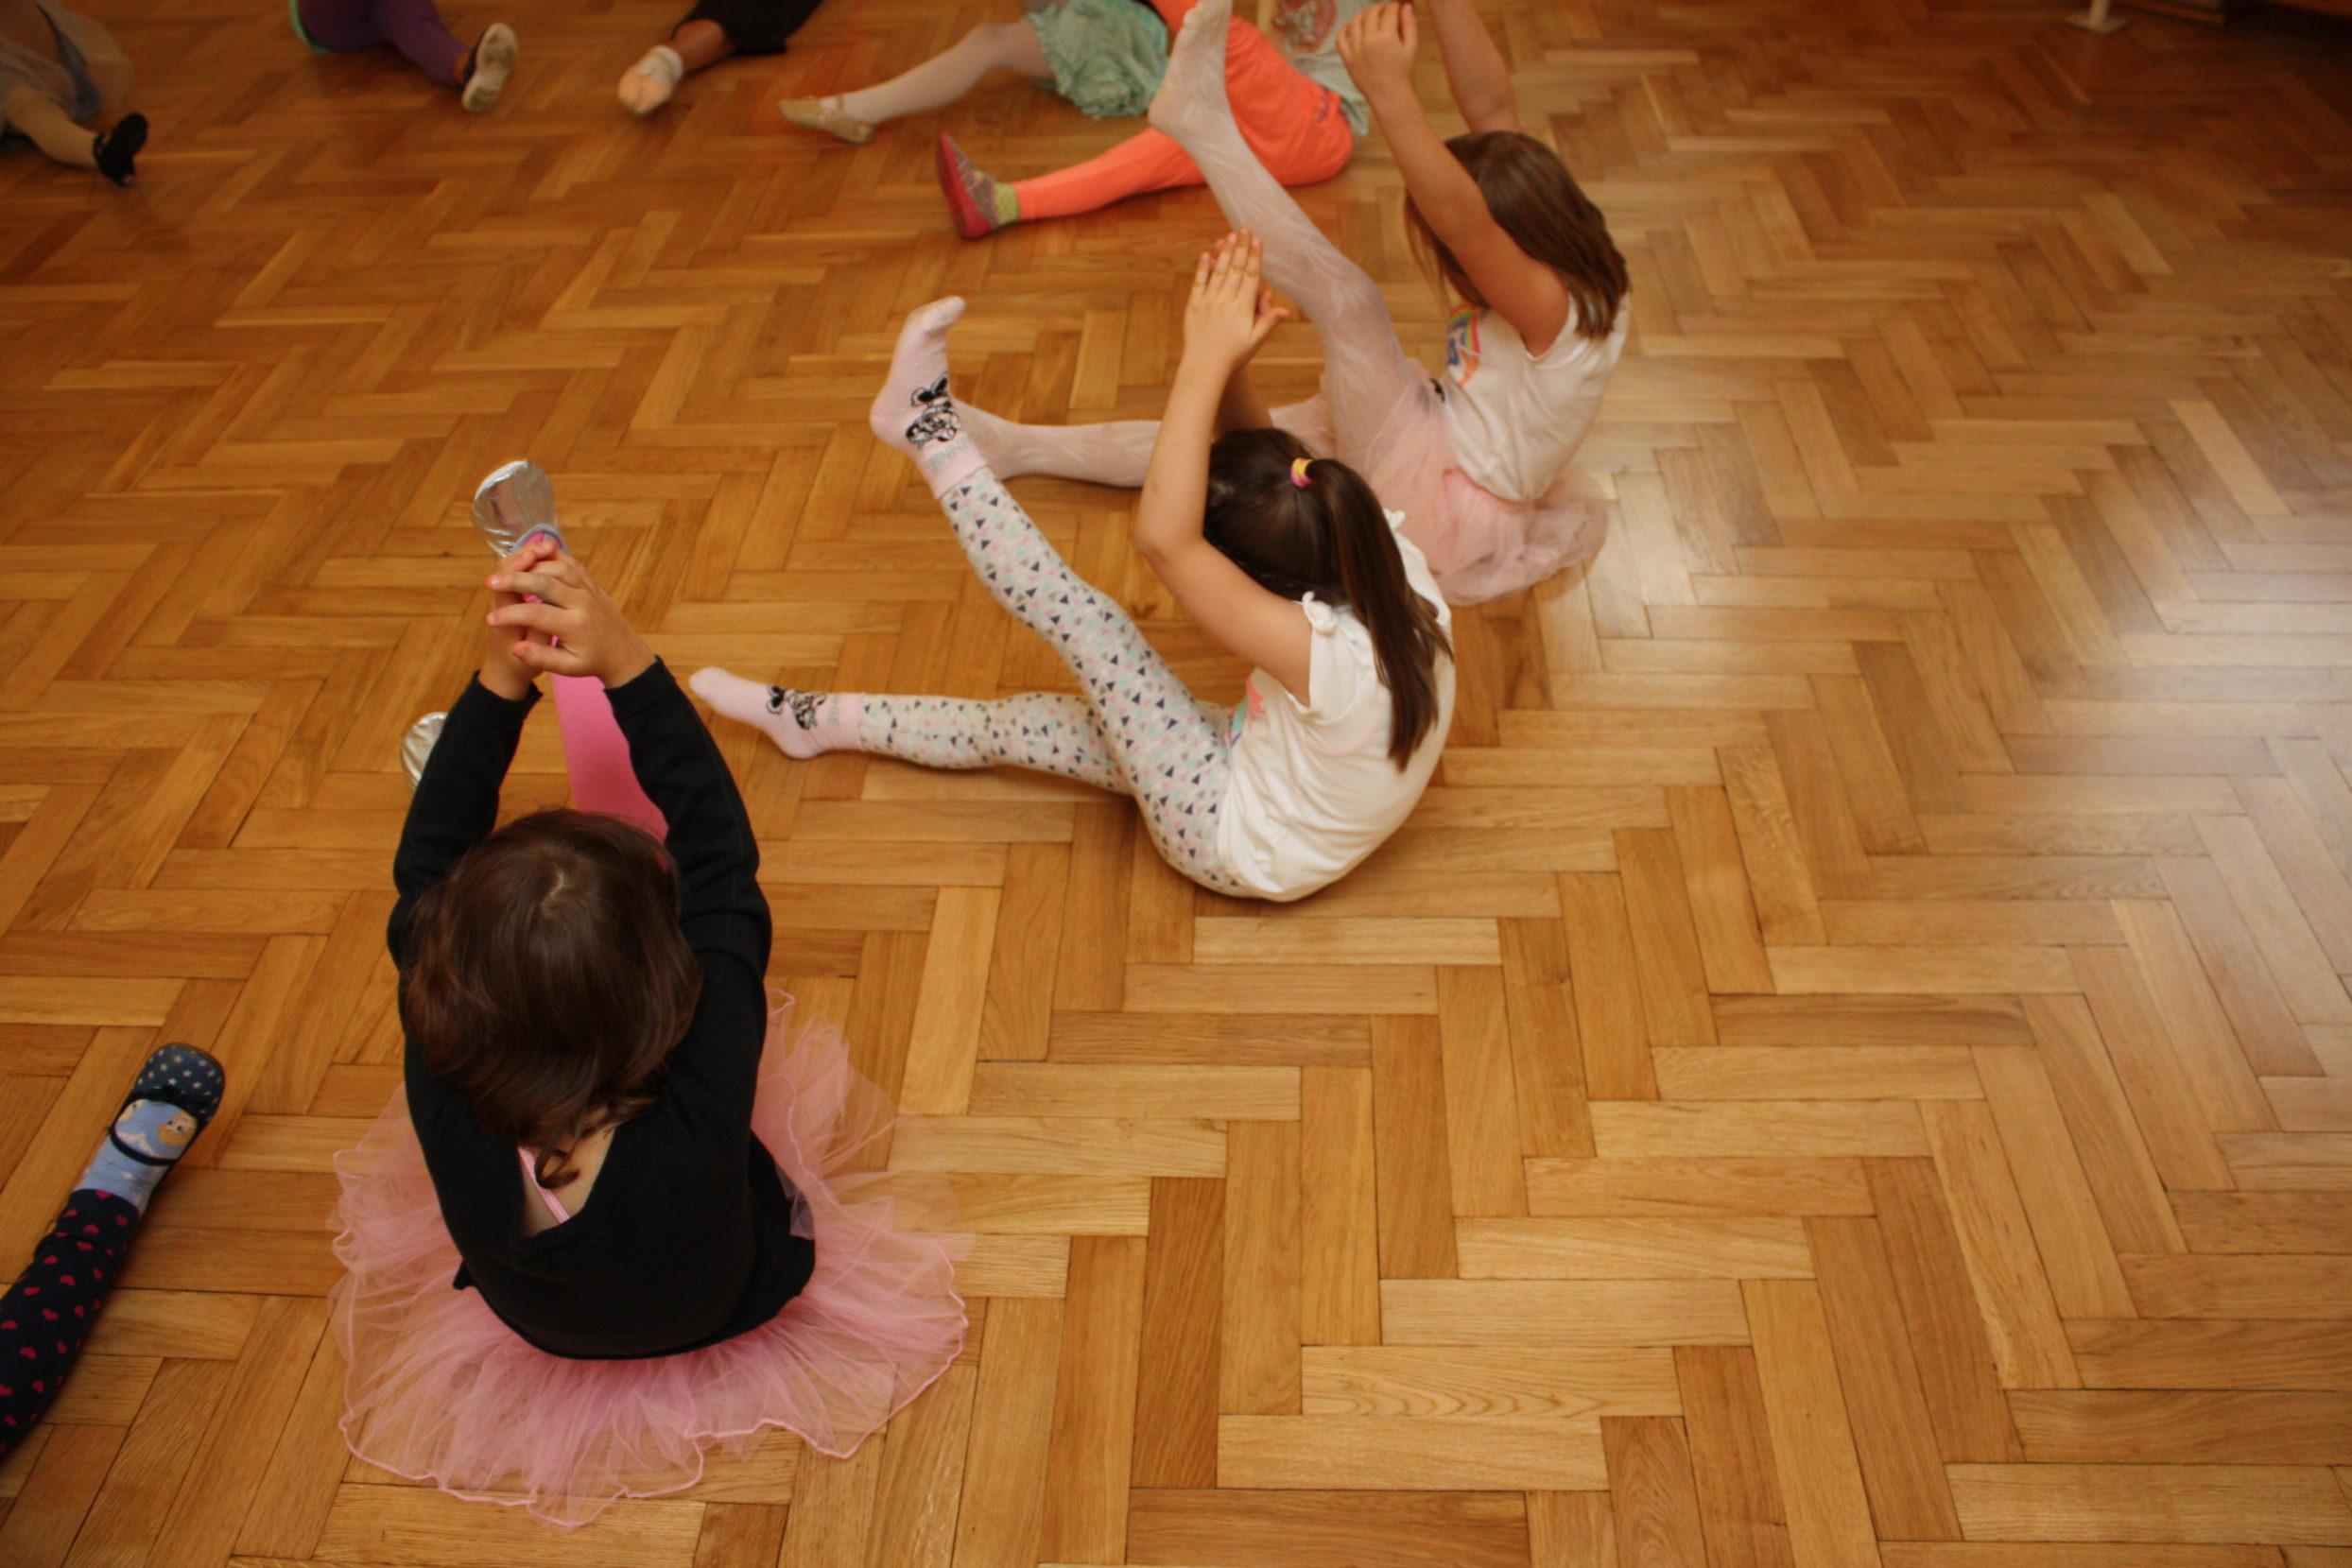 Dziewczynki w strojach baletowych siedzą na podłodze w trakcie rozgrzewki